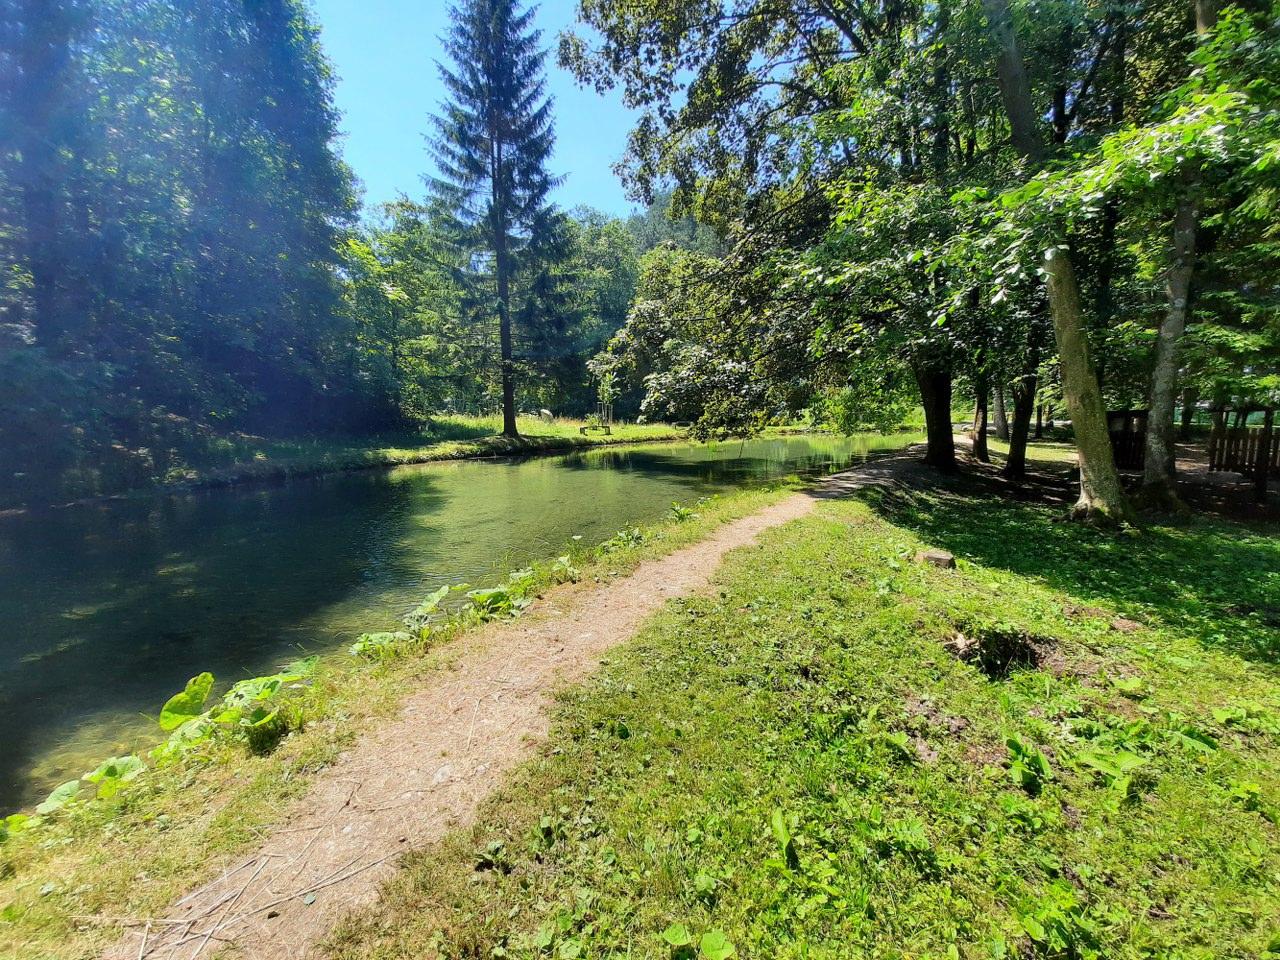 https://www.kempy-chaty.cz/sites/default/files/turistika/park_1280x960.jpg